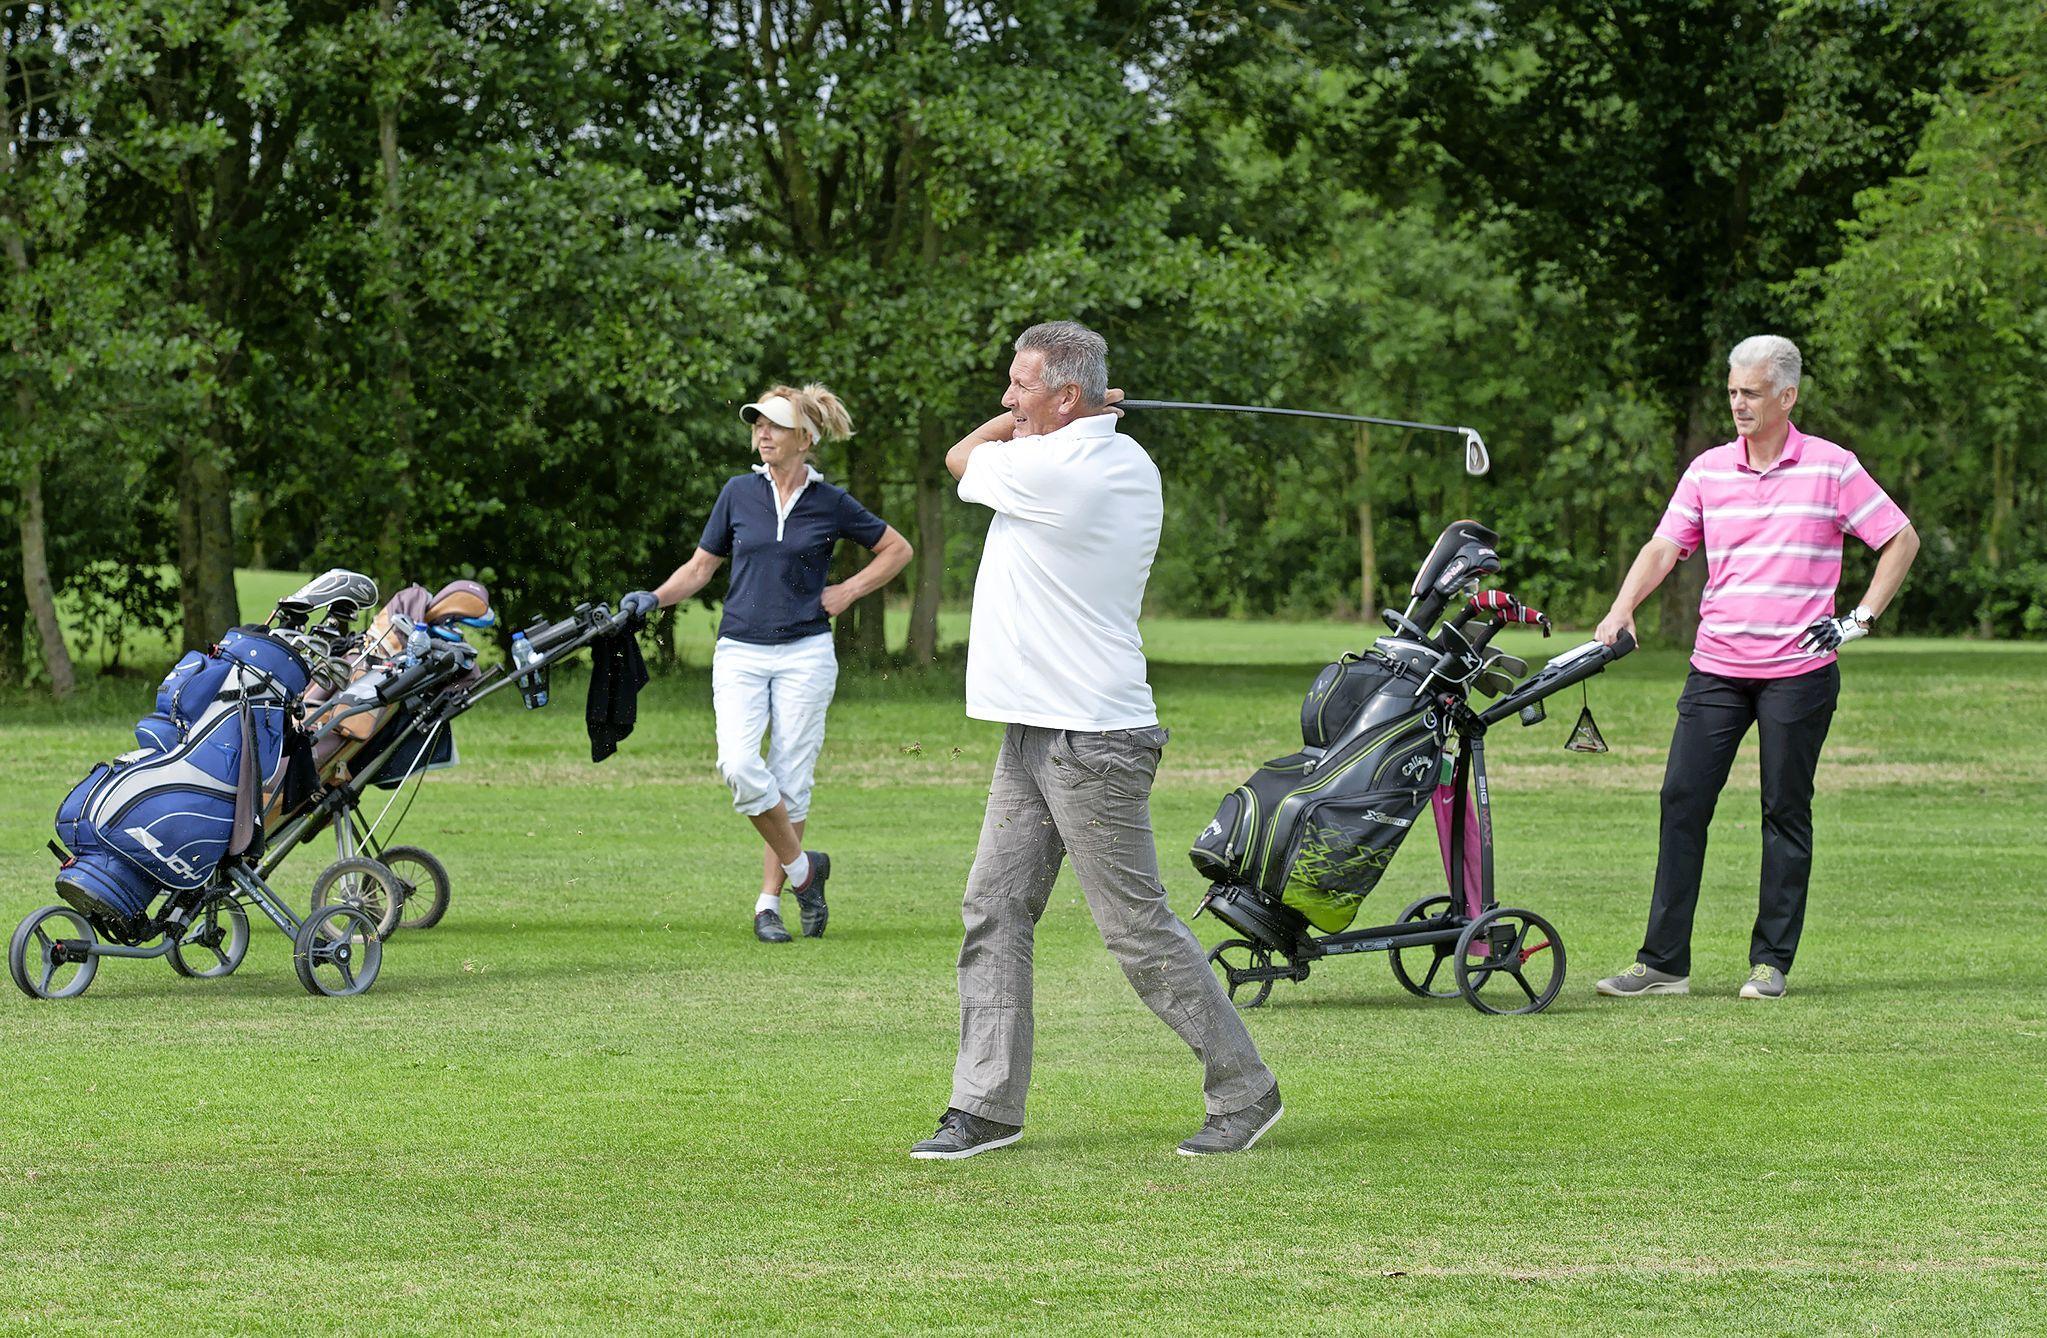 Nieuwe exploitant voor grandcafé van Heemskerkse Golfclub, onderhandelingen over 'corona-ondersteuningen met uitbater liepen op niets uit